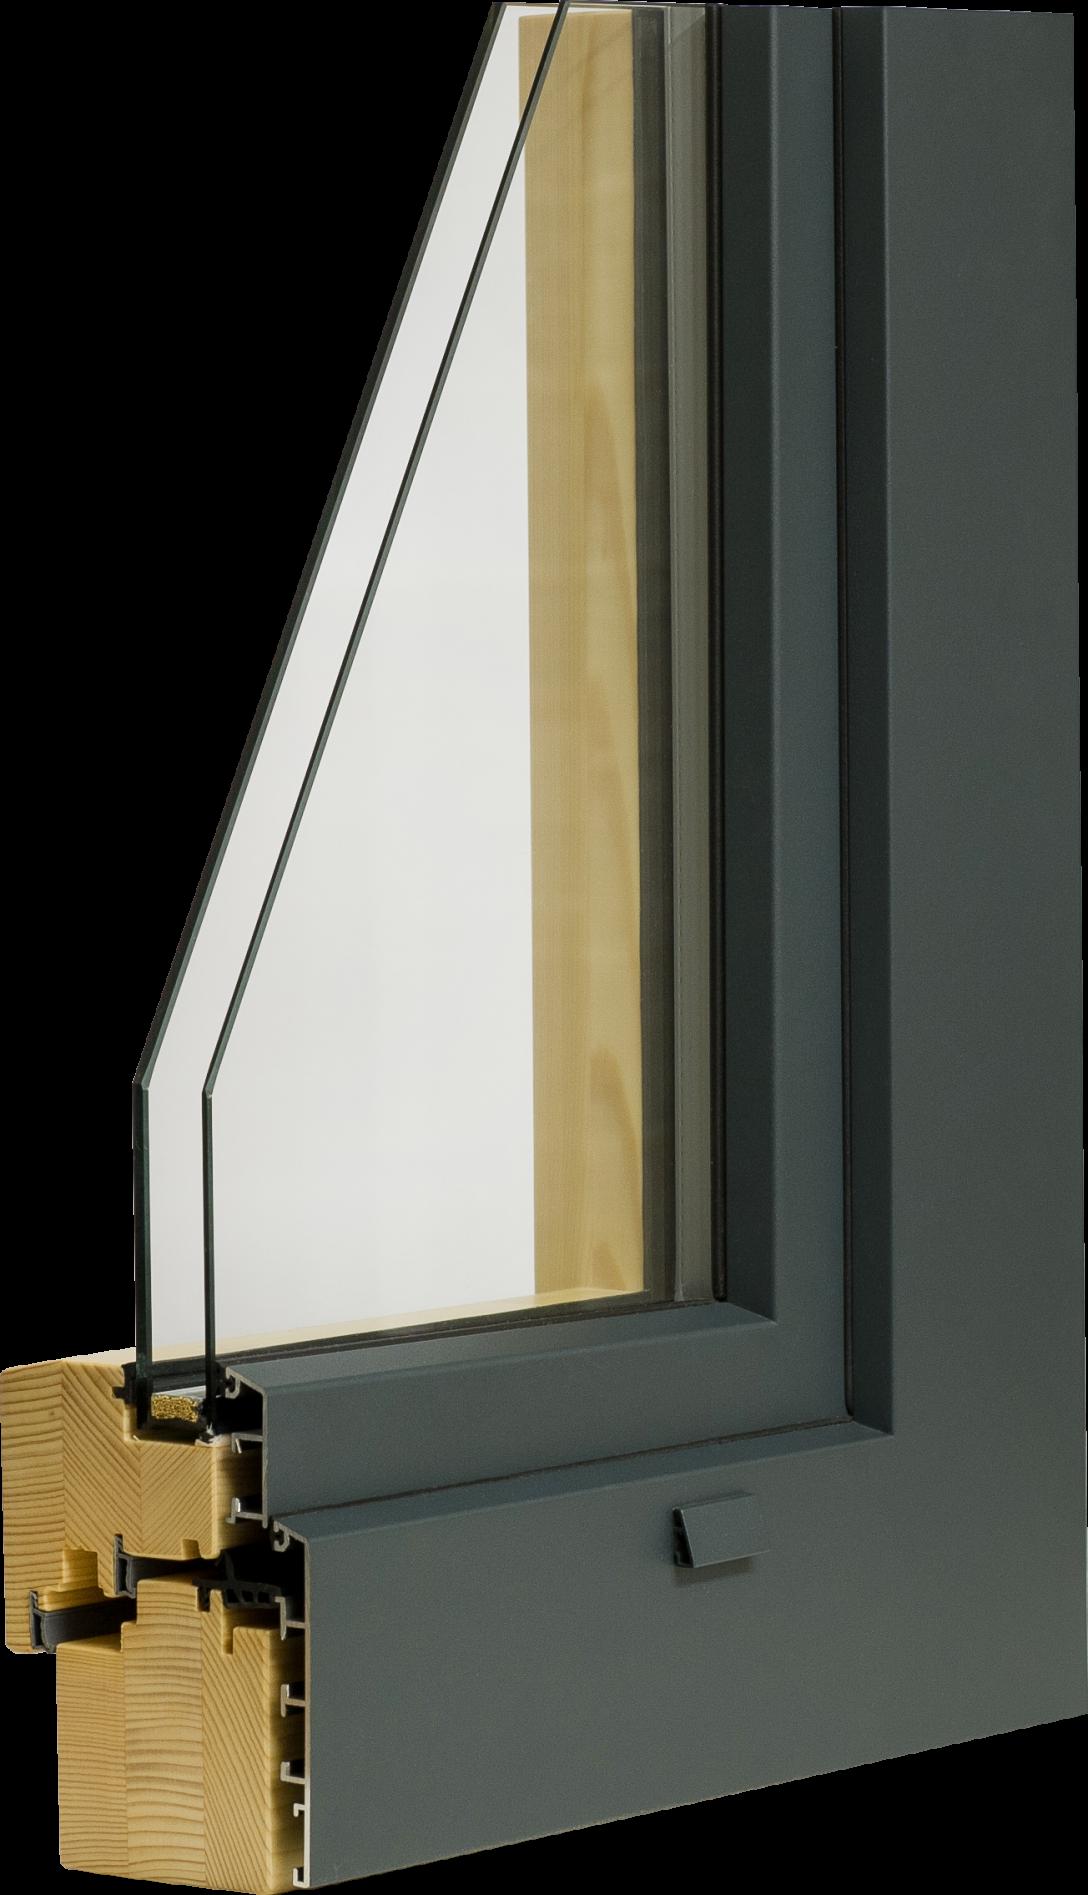 Large Size of Alu Fenster Holz Mit 2 Fach Verglasung Pomella Bernhard Aluminium Verbundplatte Küche Salamander Folie Für Winkhaus Drutex Schüco Kaufen Sicherheitsfolie Fenster Alu Fenster